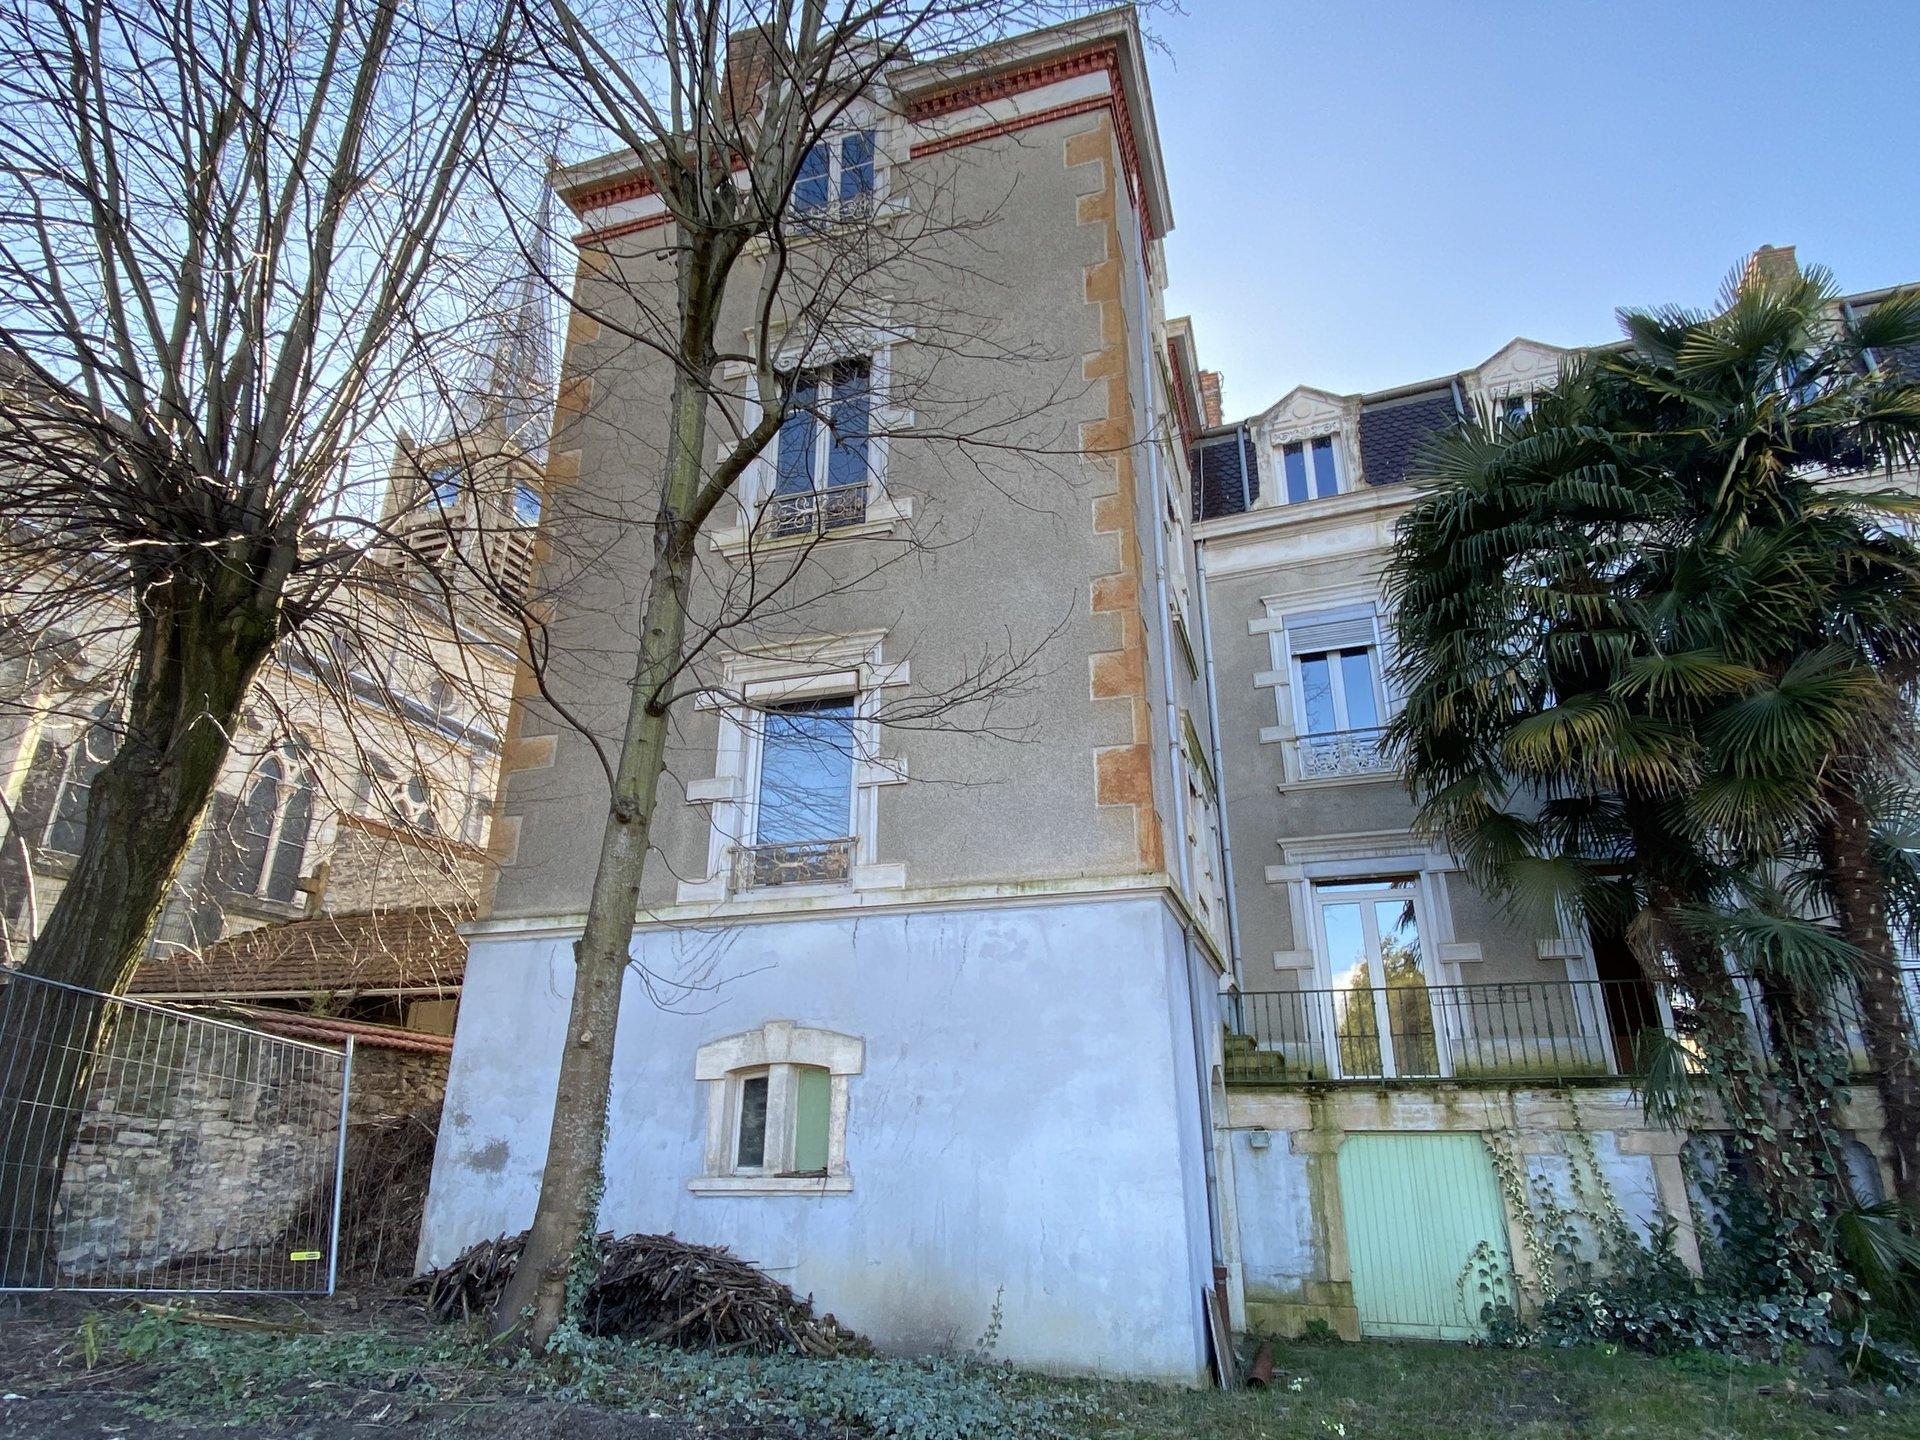 Maison de village 72 m² hab + jardin